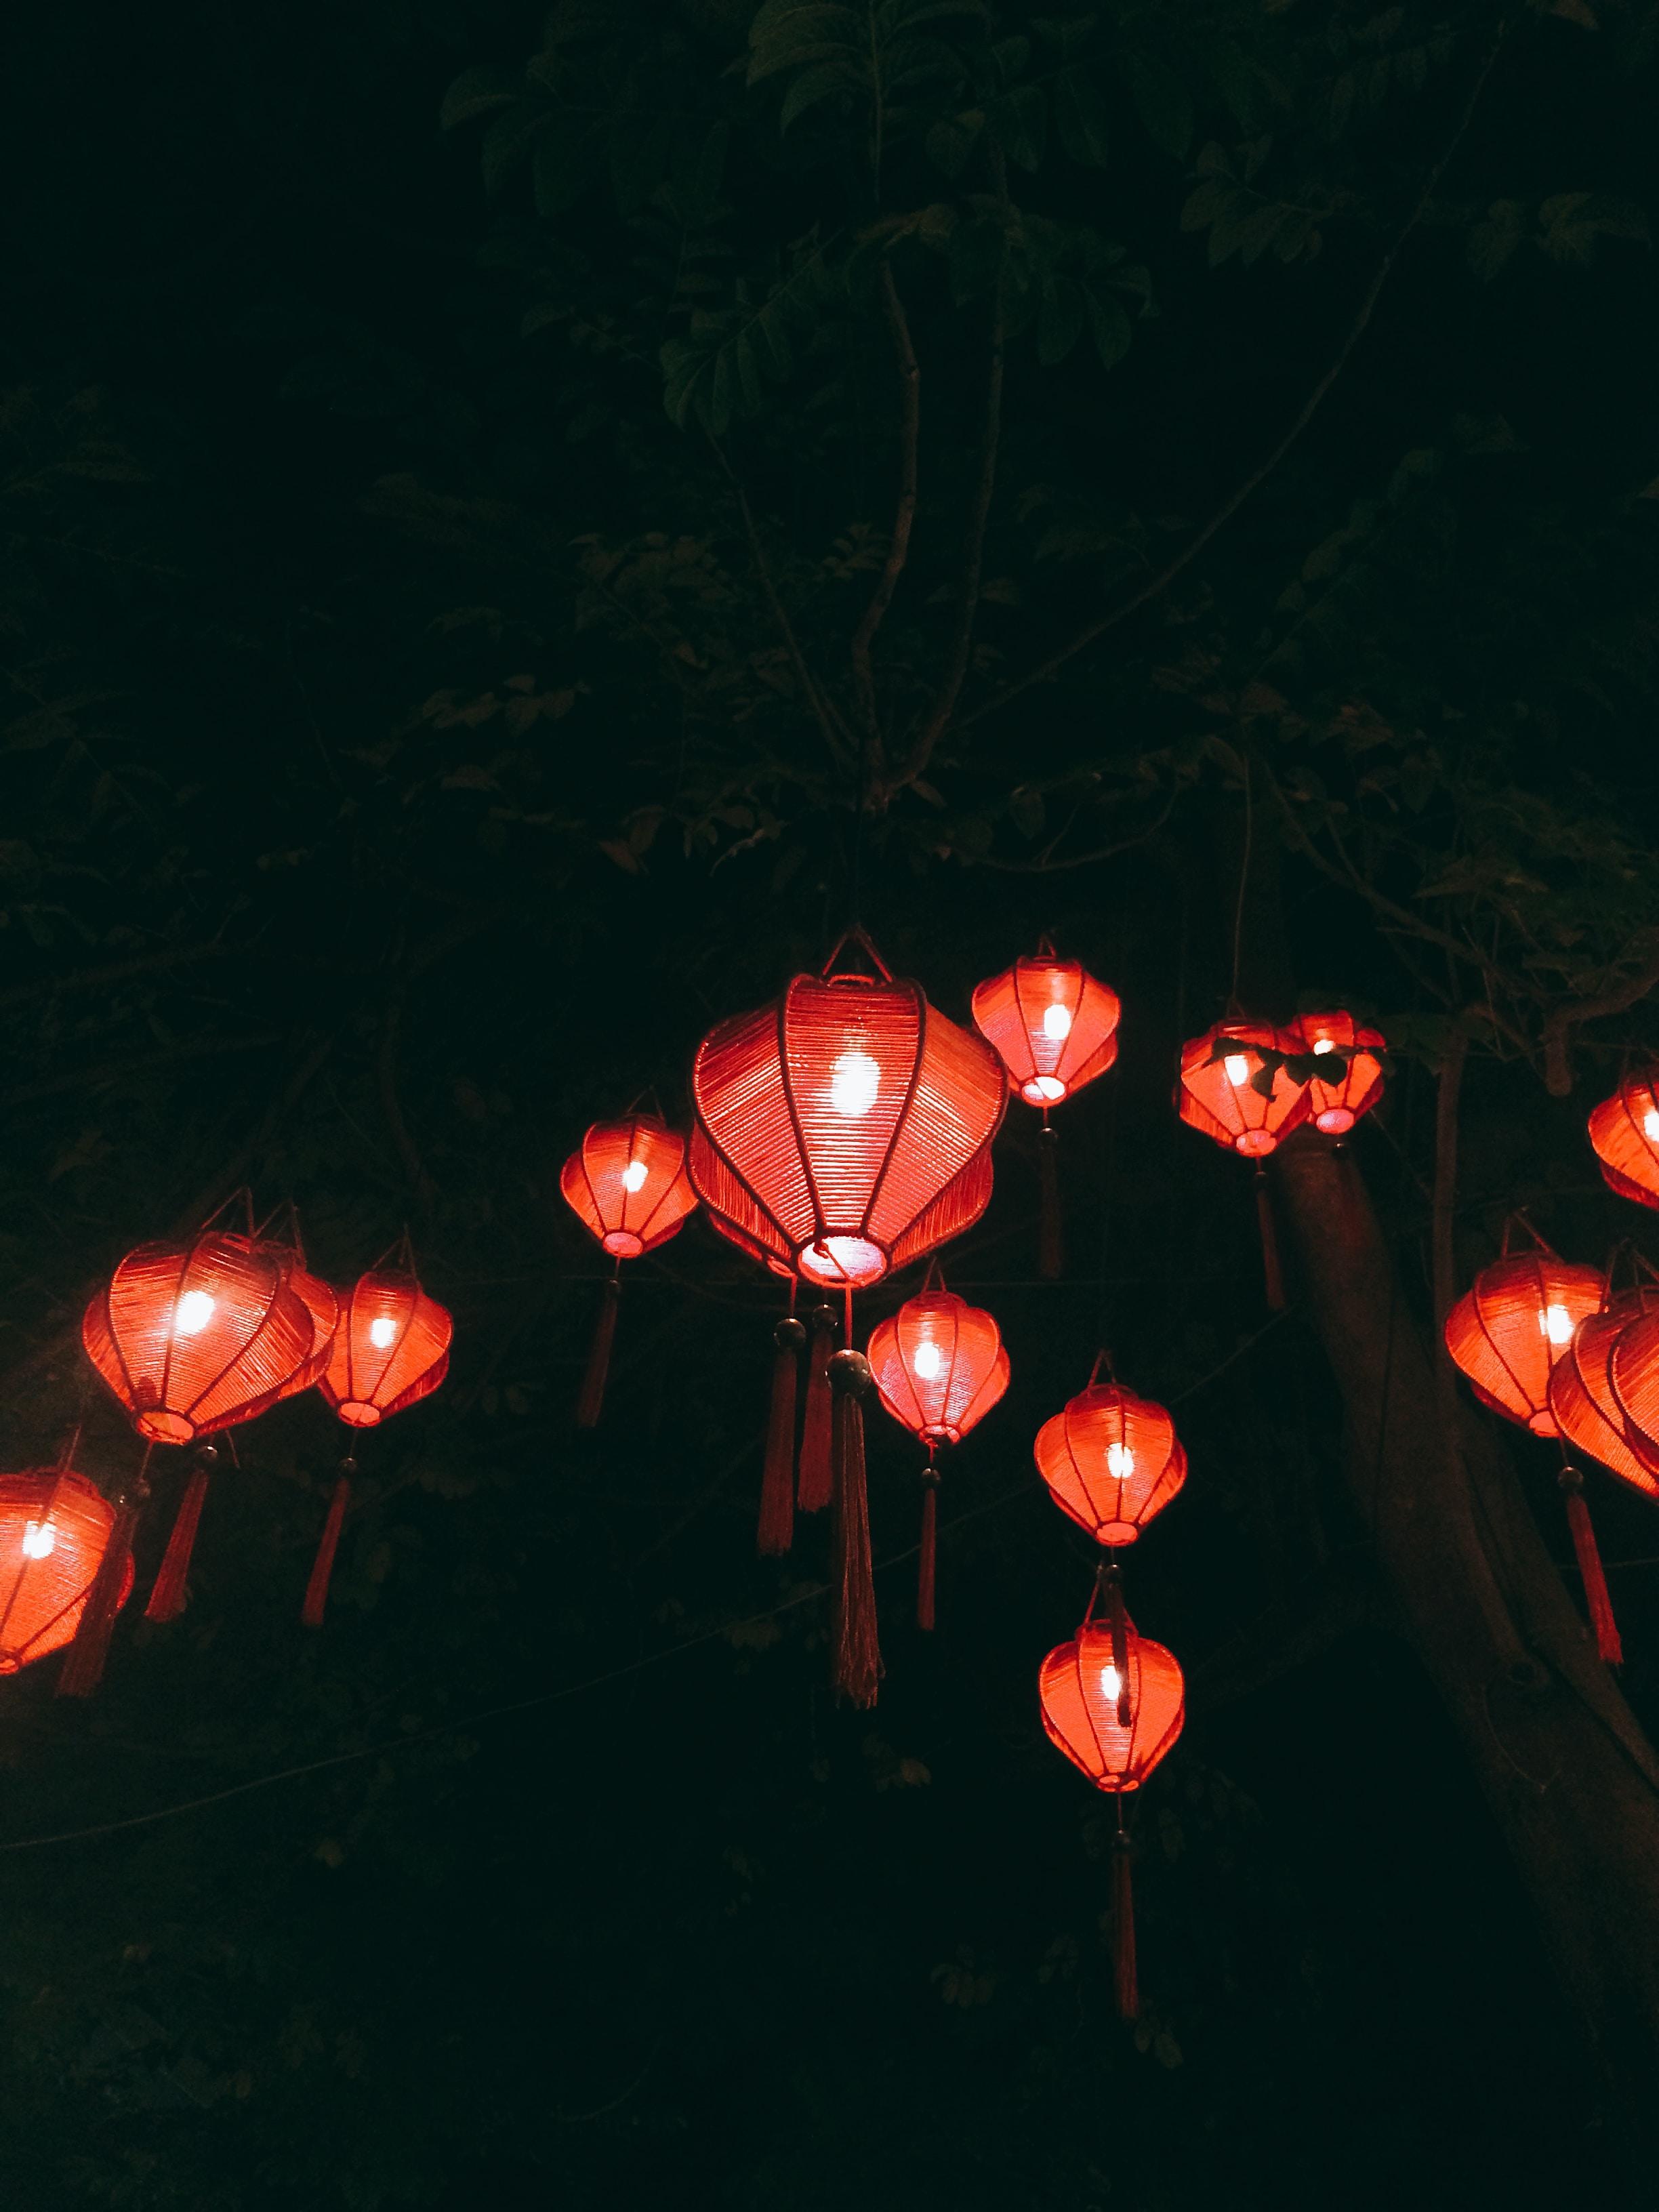 Image by Linh Đào